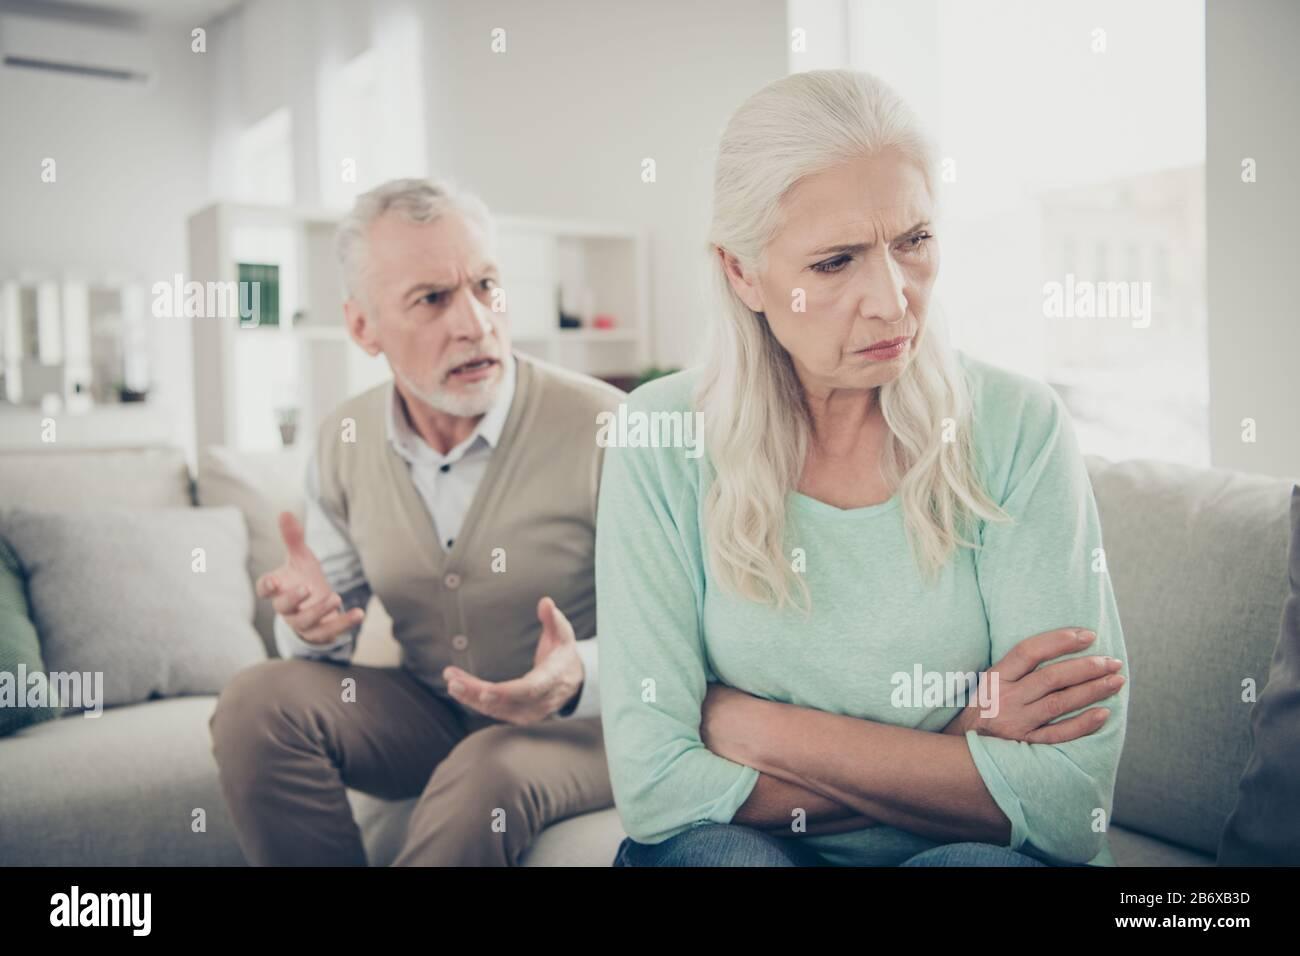 Foto de cerca de la vieja abuela triste y de pelo largo no quiere escuchar a su marido estricto que está enviando reclamaciones Foto de stock